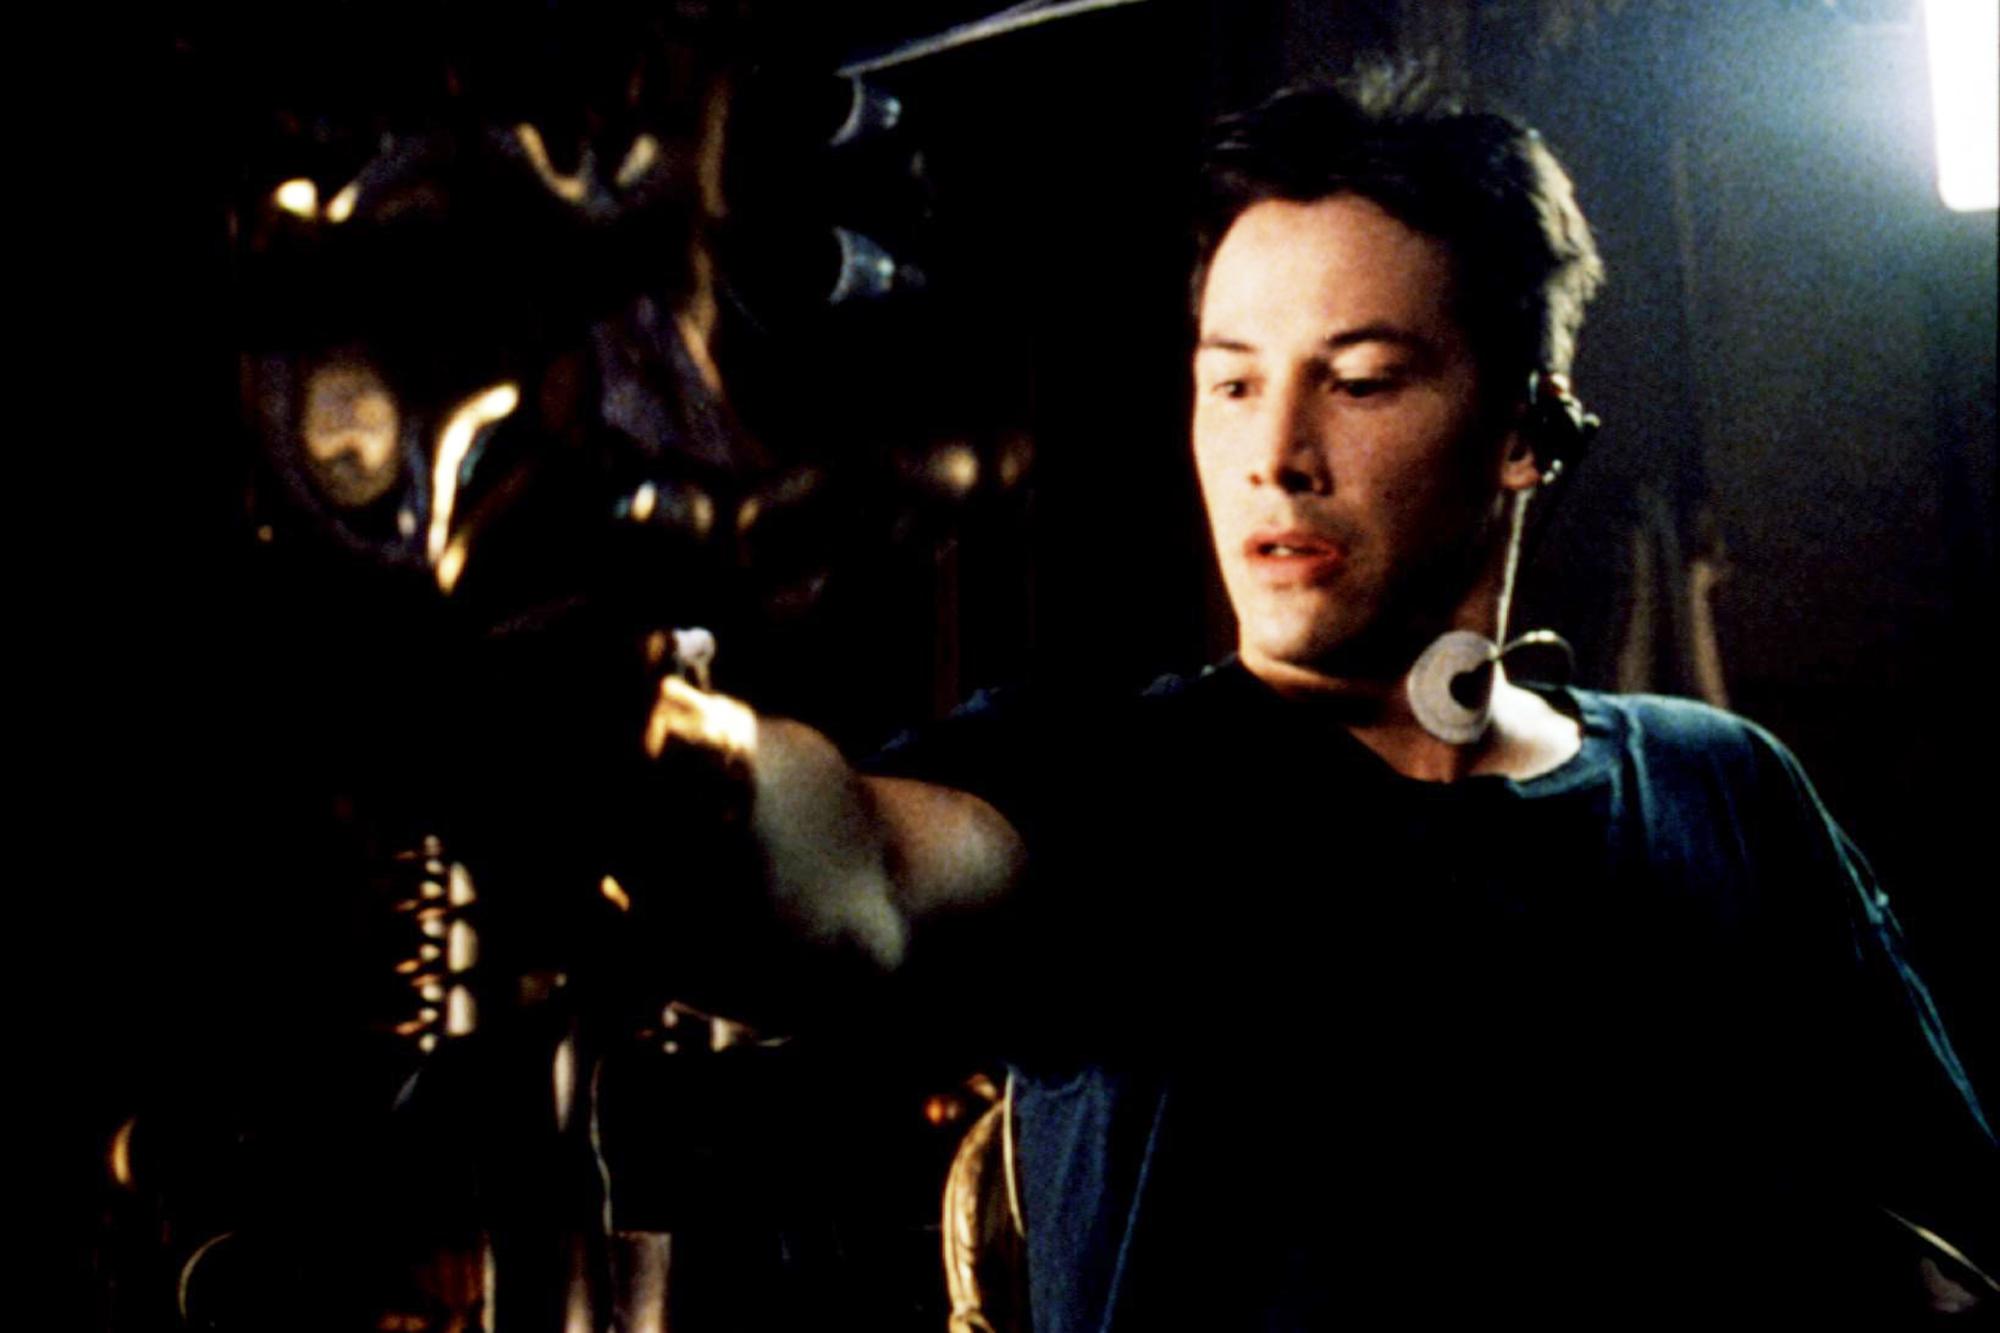 THE MATRIX, Keanu Reeves, 1999.